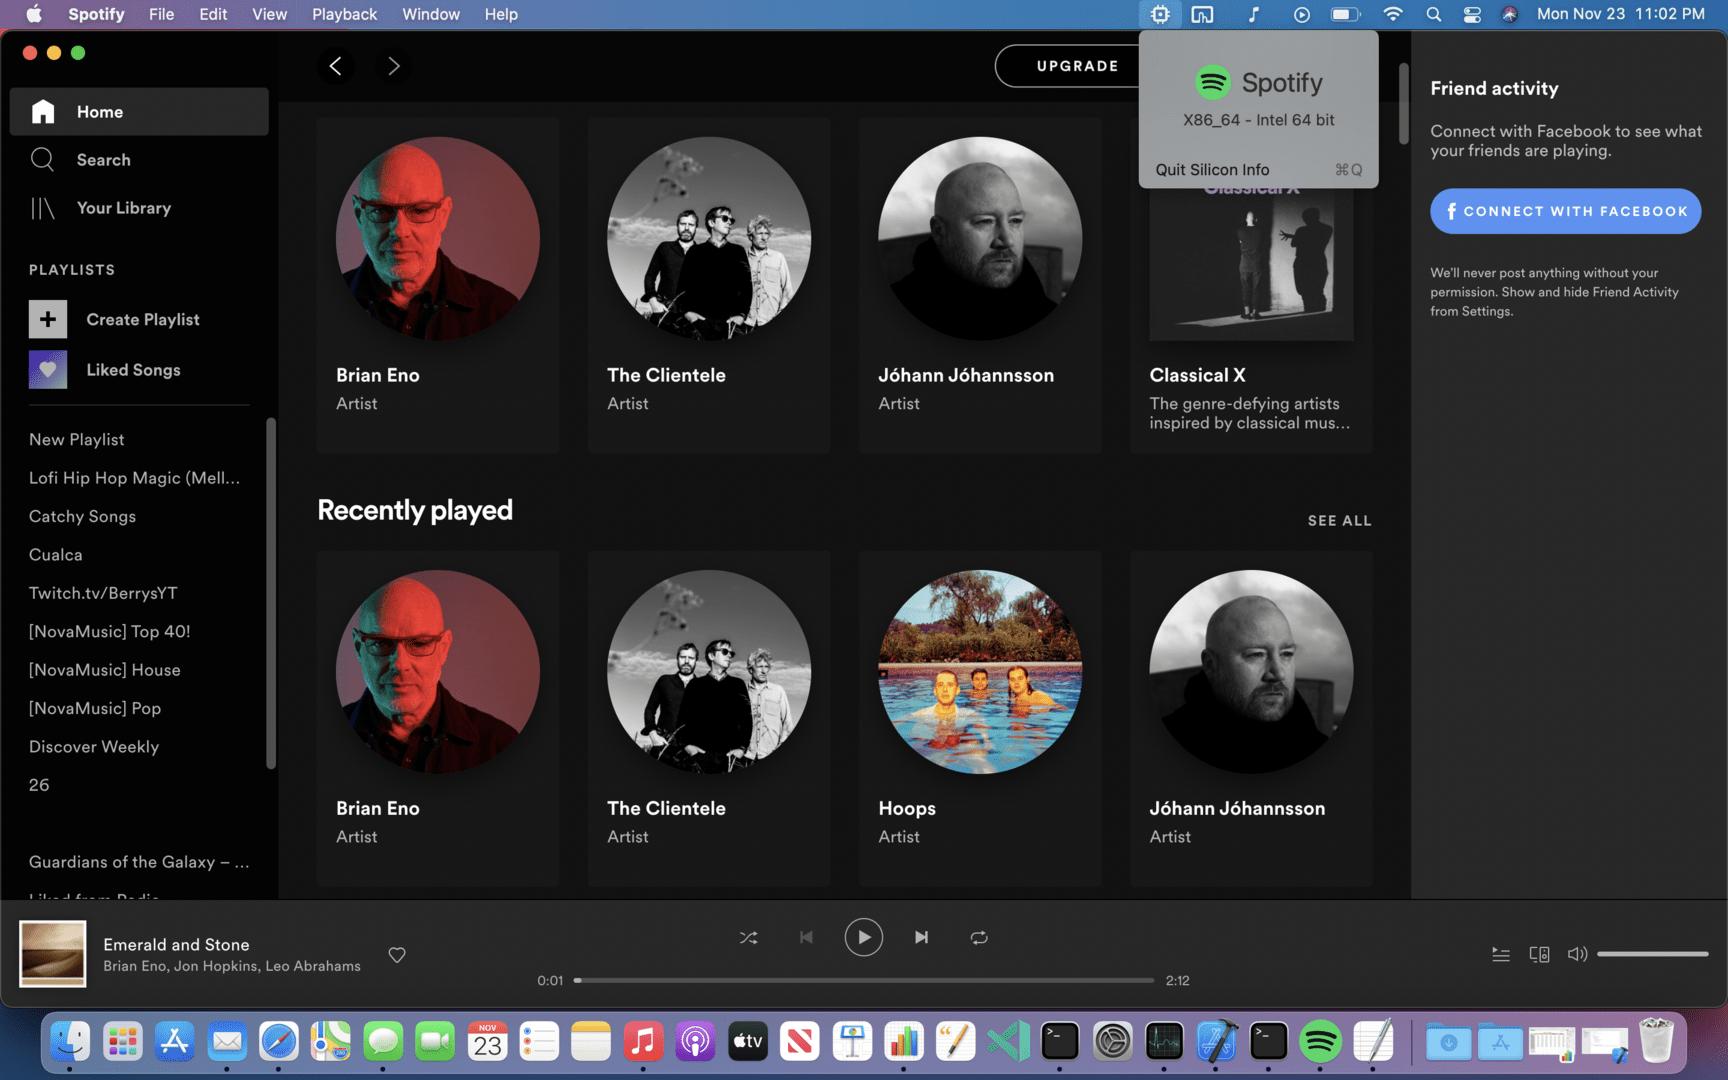 Spotify (x86_64)